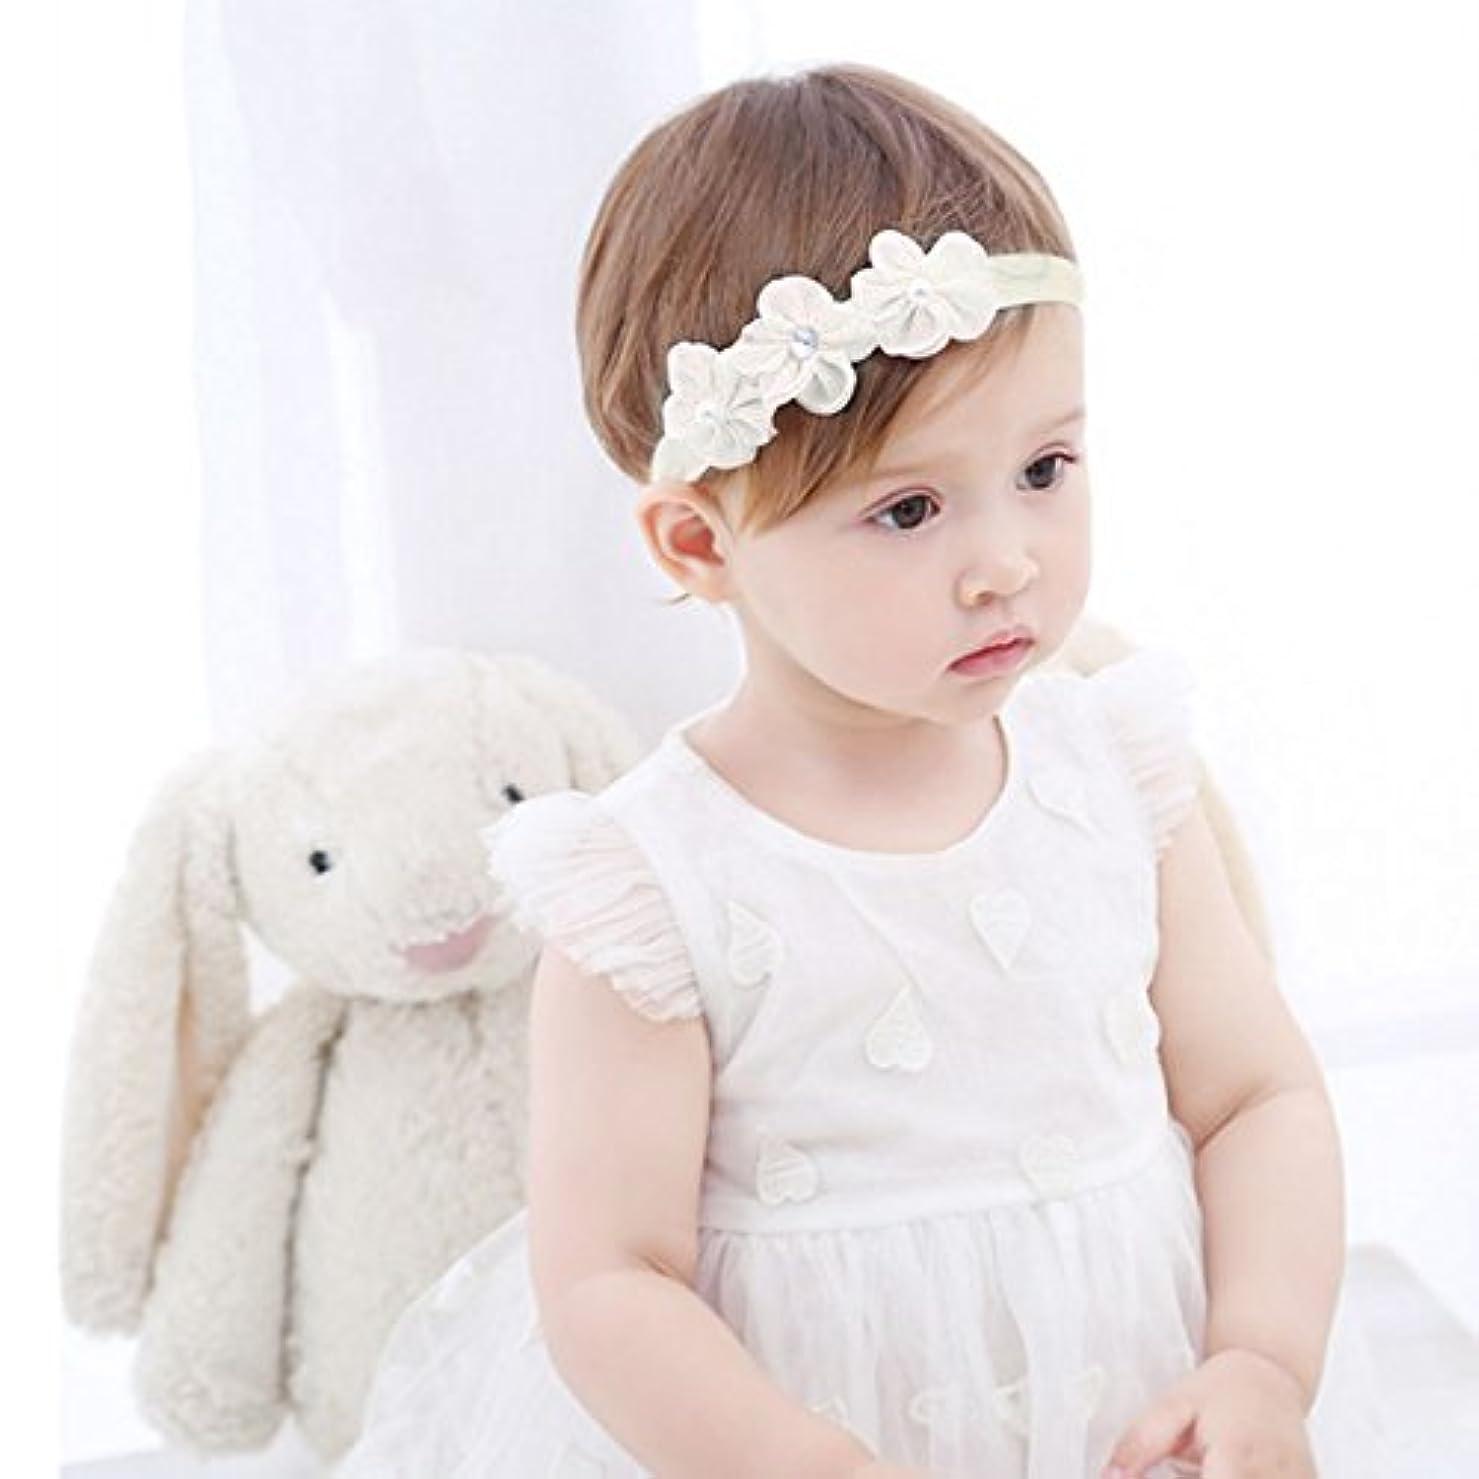 センチメンタル数値何かRefaxi 子供の赤ちゃんかわいい幼児のレースの花のヘアバンドヘッドウェアヘッドバンドアクセサリー